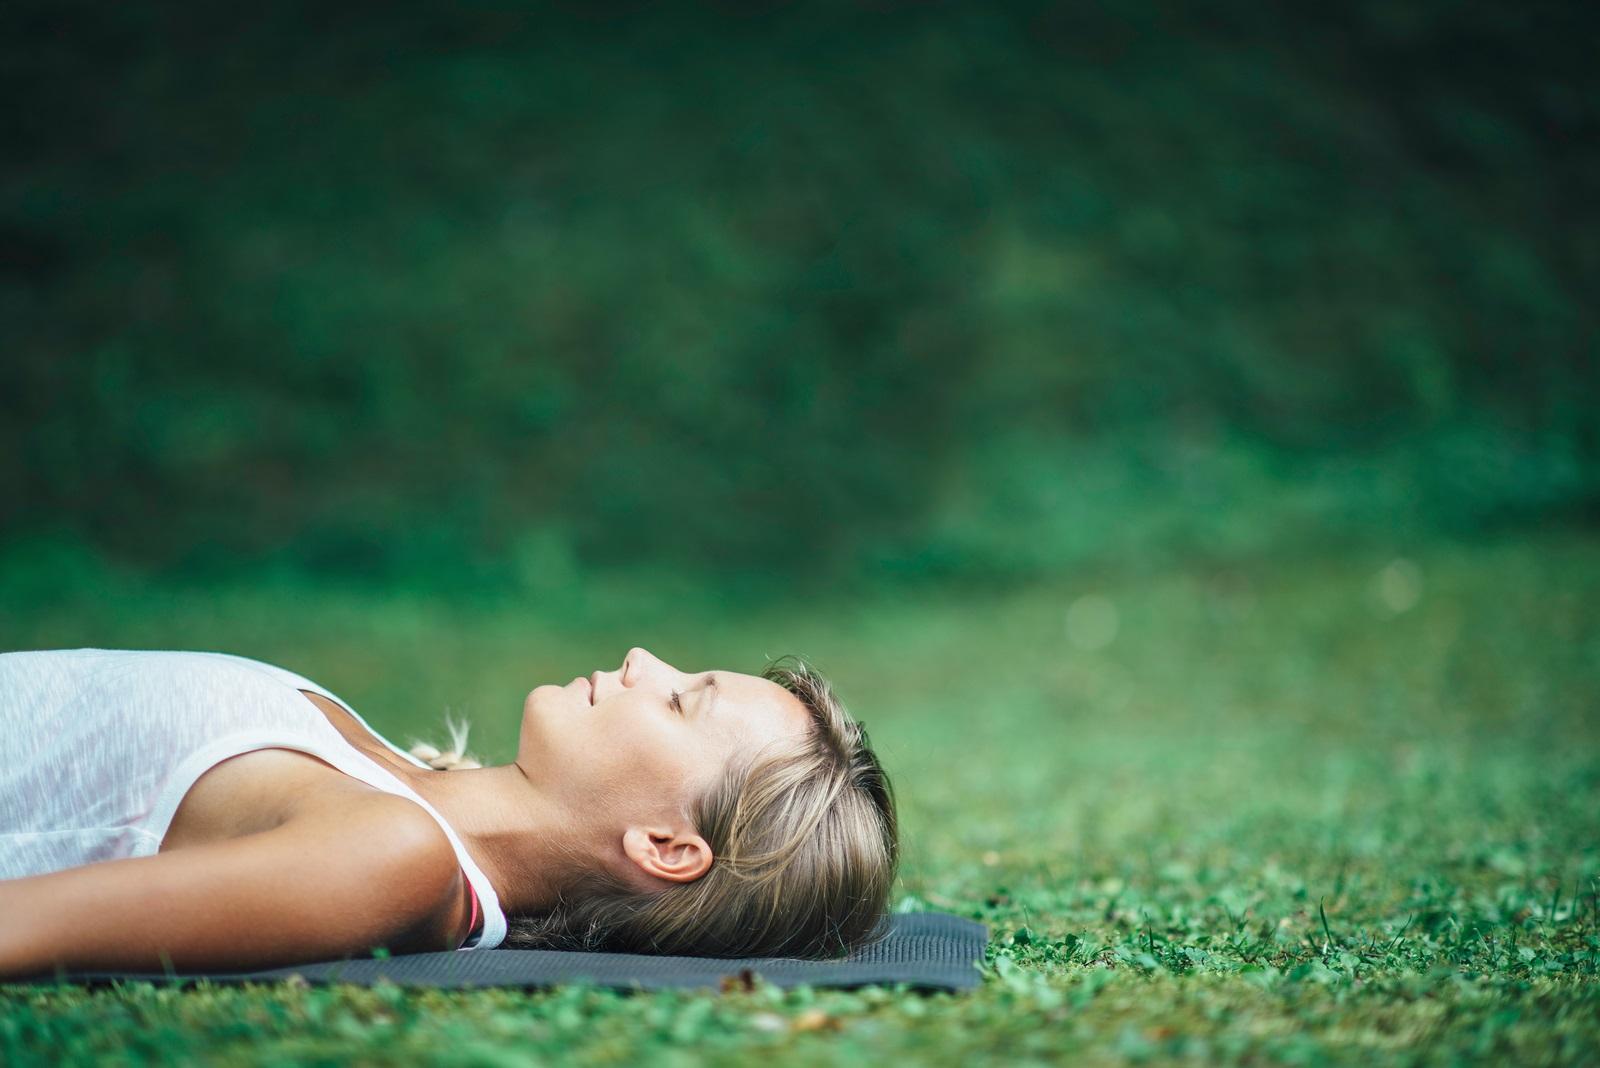 Йога нидра – сон, исполняющий желания. какие цели преследует эта практика, и какие проблемы она действительно может решить?